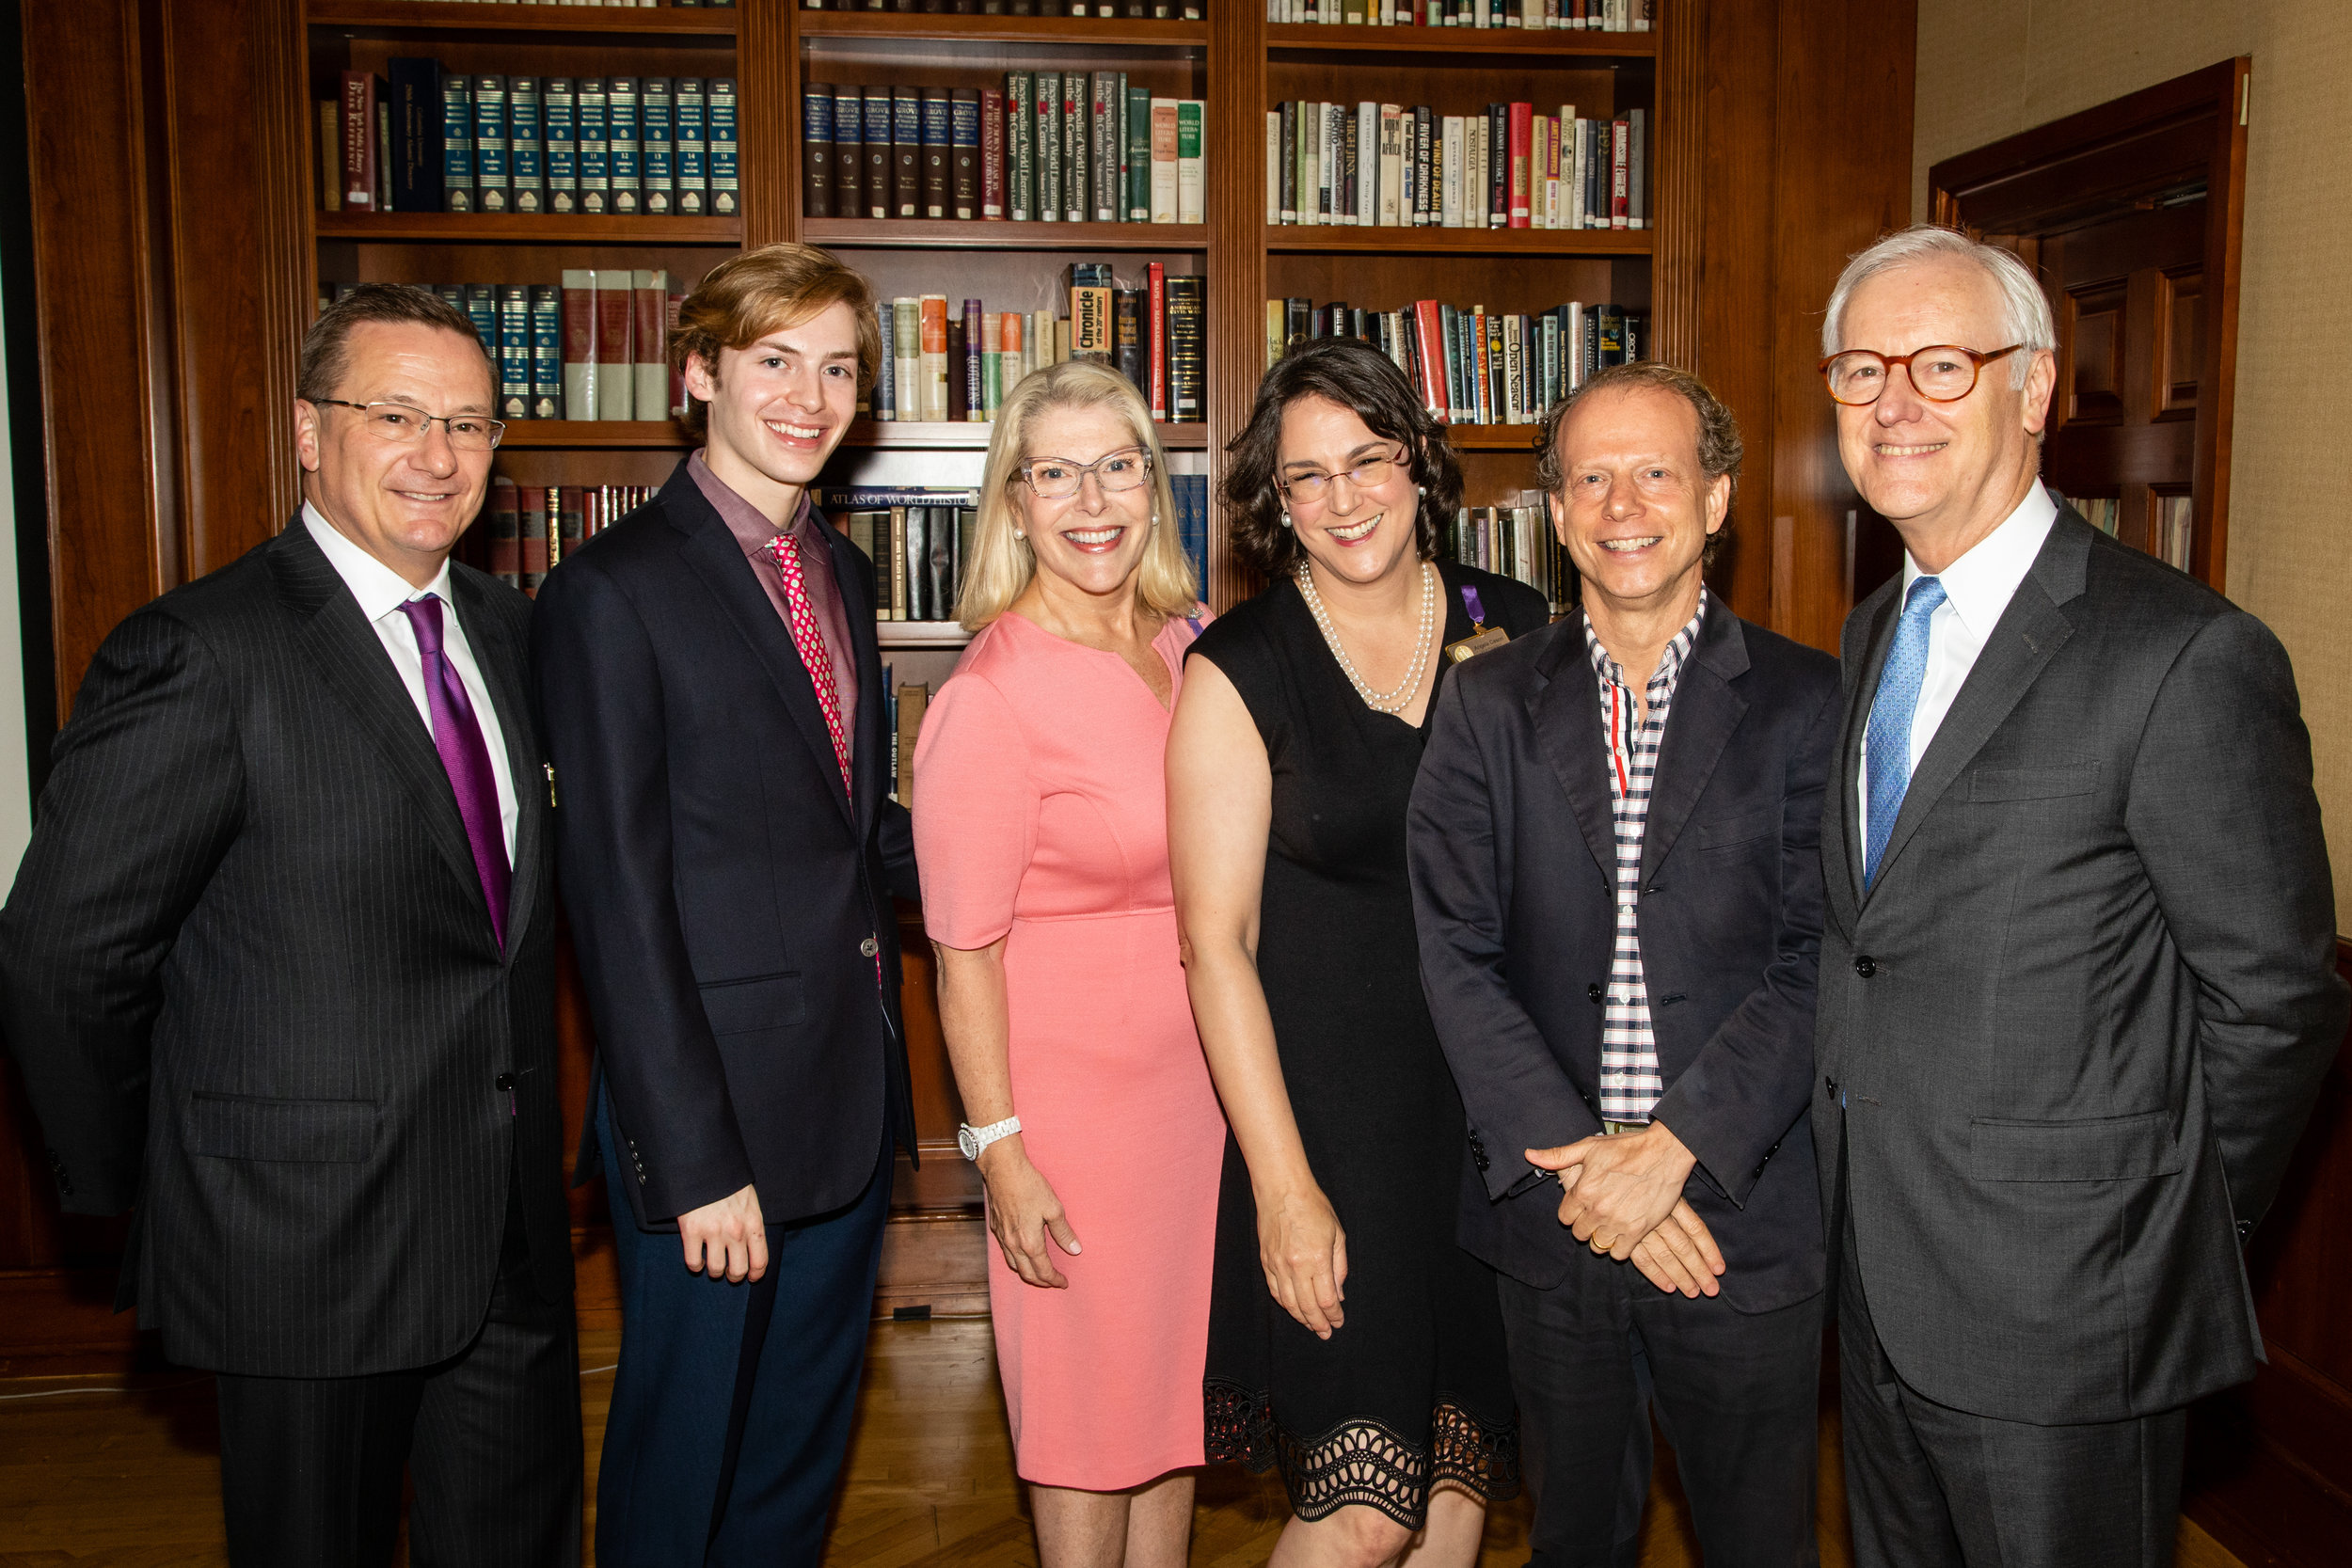 Fred Larsen, Henry Larsen, Michelle Larsen, Angela Cason, Bruce Cohen, Steven James